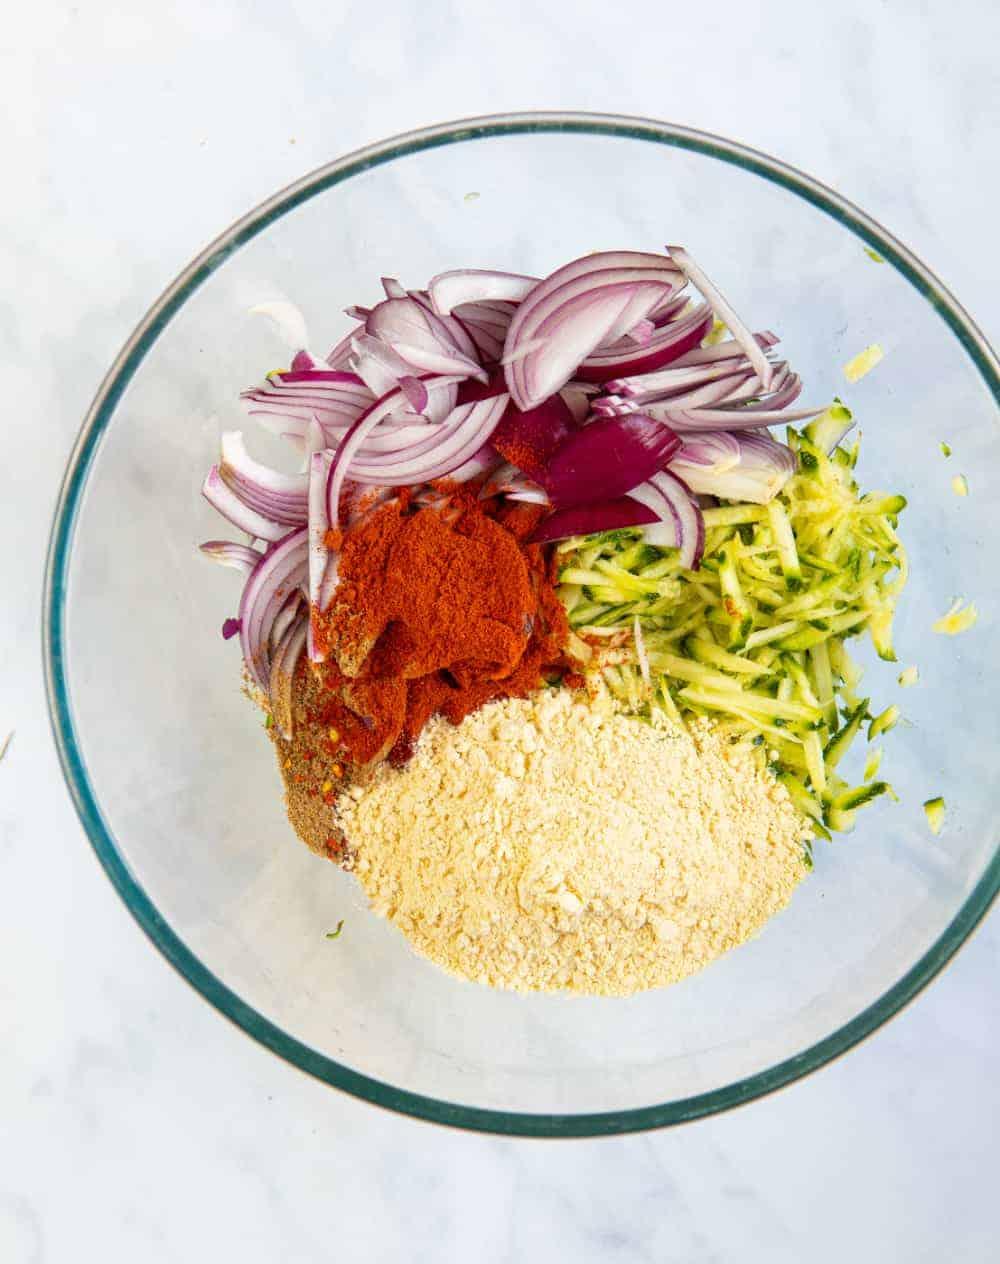 Bhaji Burger Ingredients